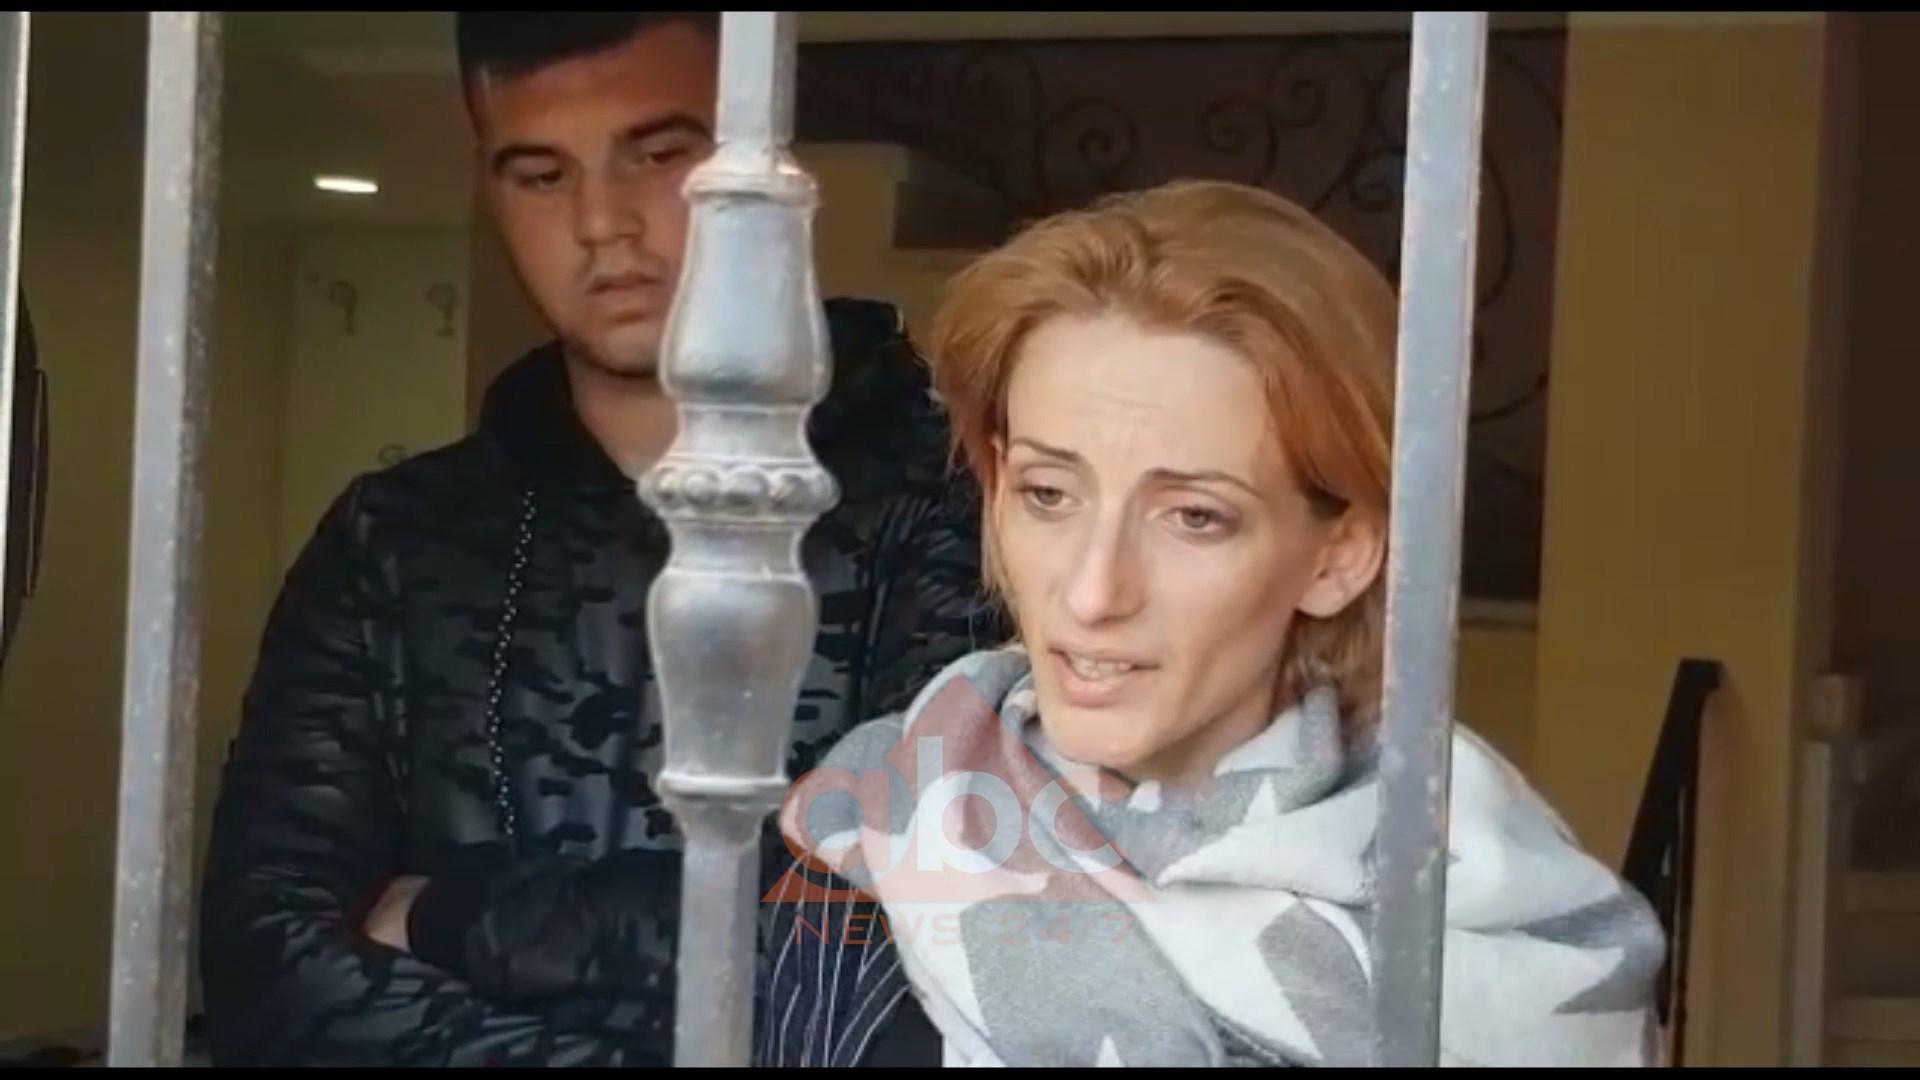 Dëshmia e dytë e Marsidës/Pranon se kishin konsumuar kokainë